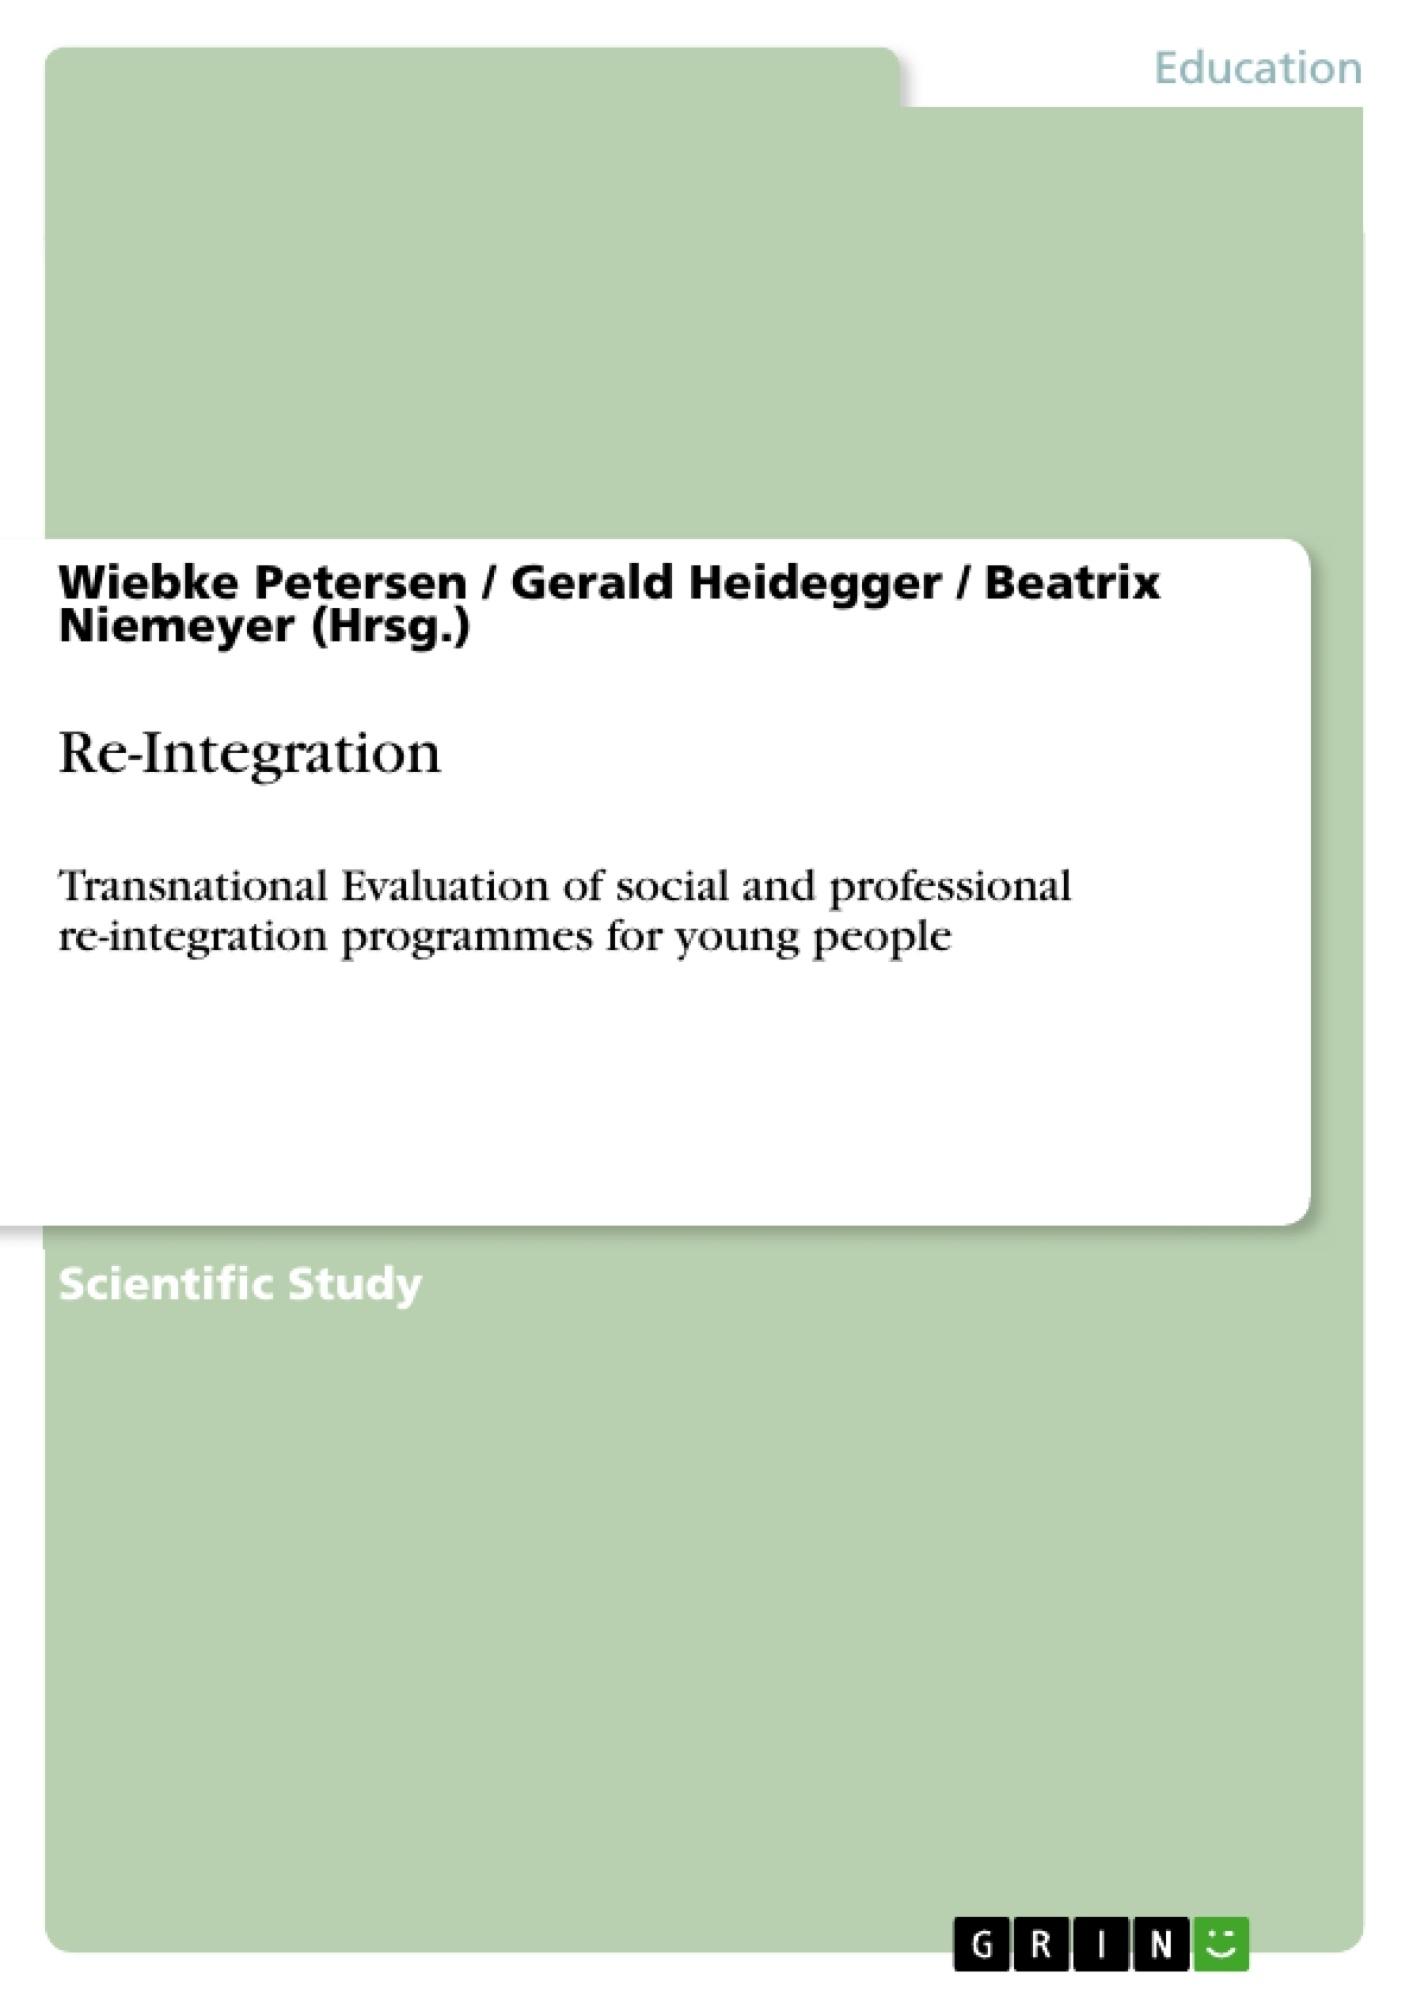 Title: Re-Integration